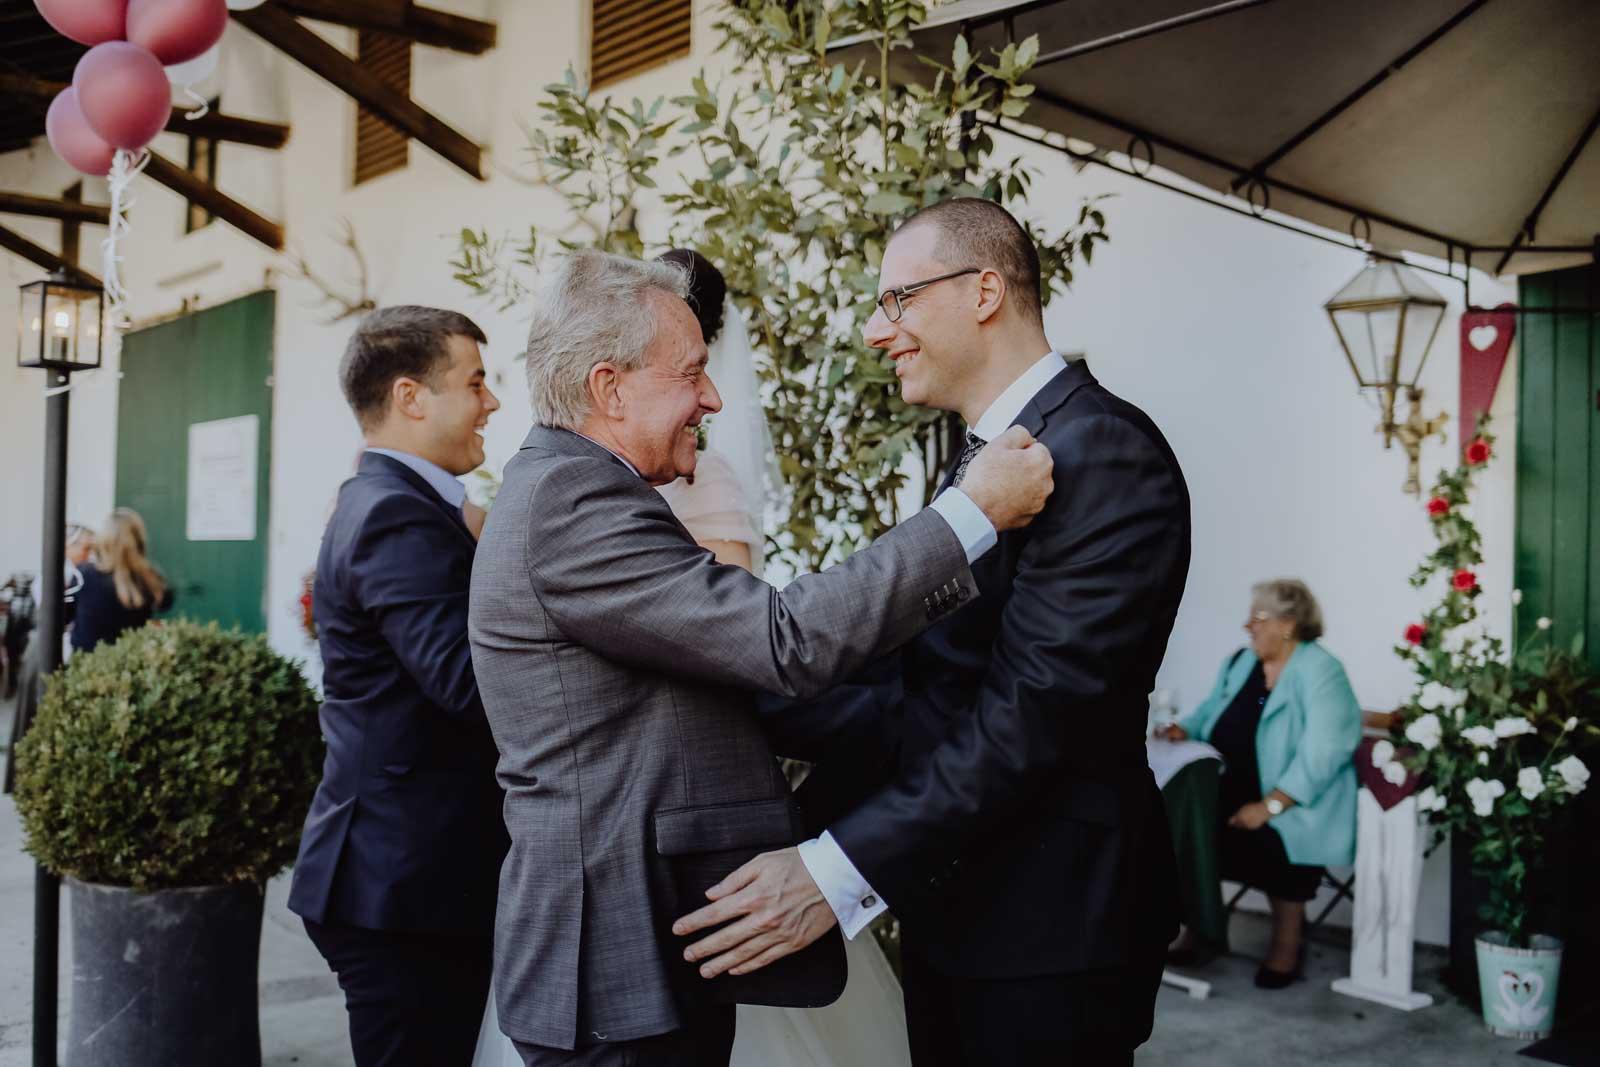 Brautvater und Bräutigam umarmen sich